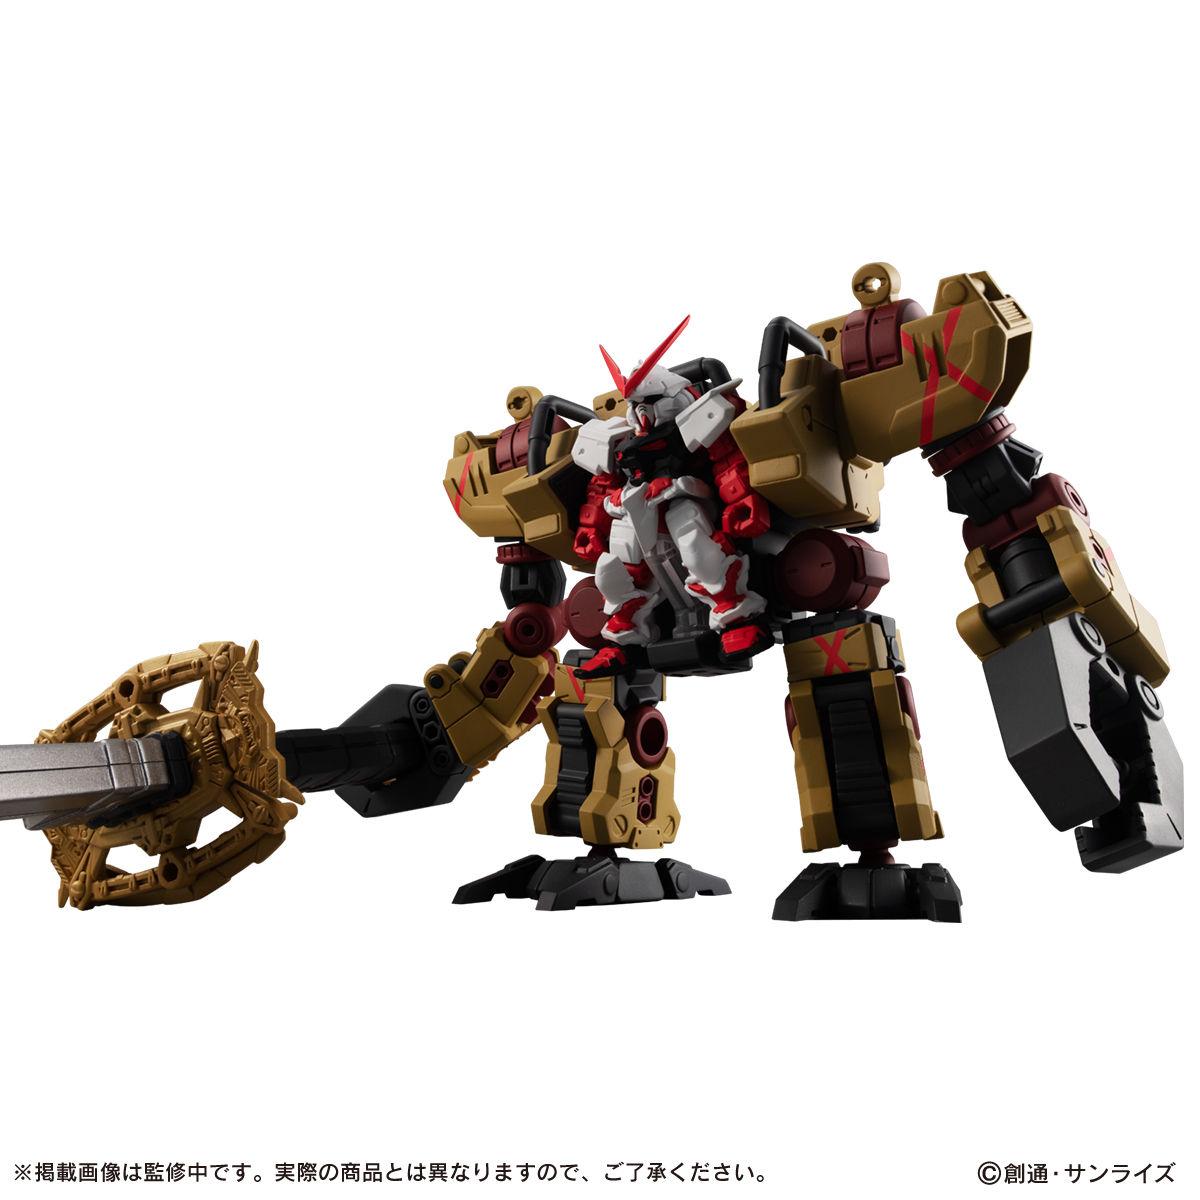 機動戦士ガンダム『MOBILE SUIT ENSEMBLE19』デフォルメ可動フィギュア 10個入りBOX-015